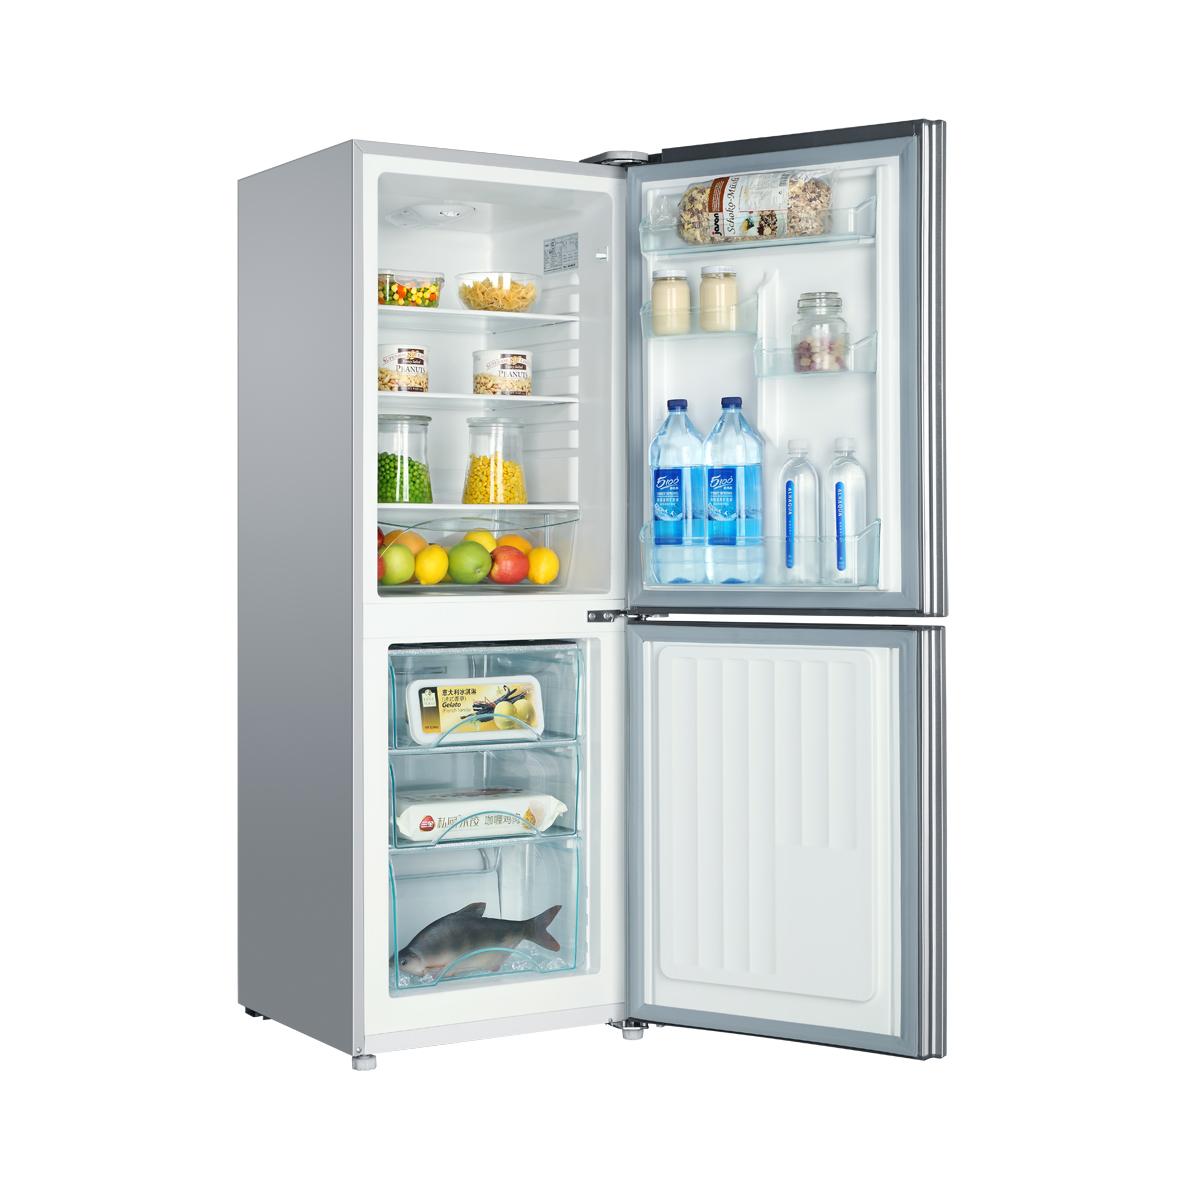 冰箱使用要注意什么 冰箱的使用注意事项有哪些?